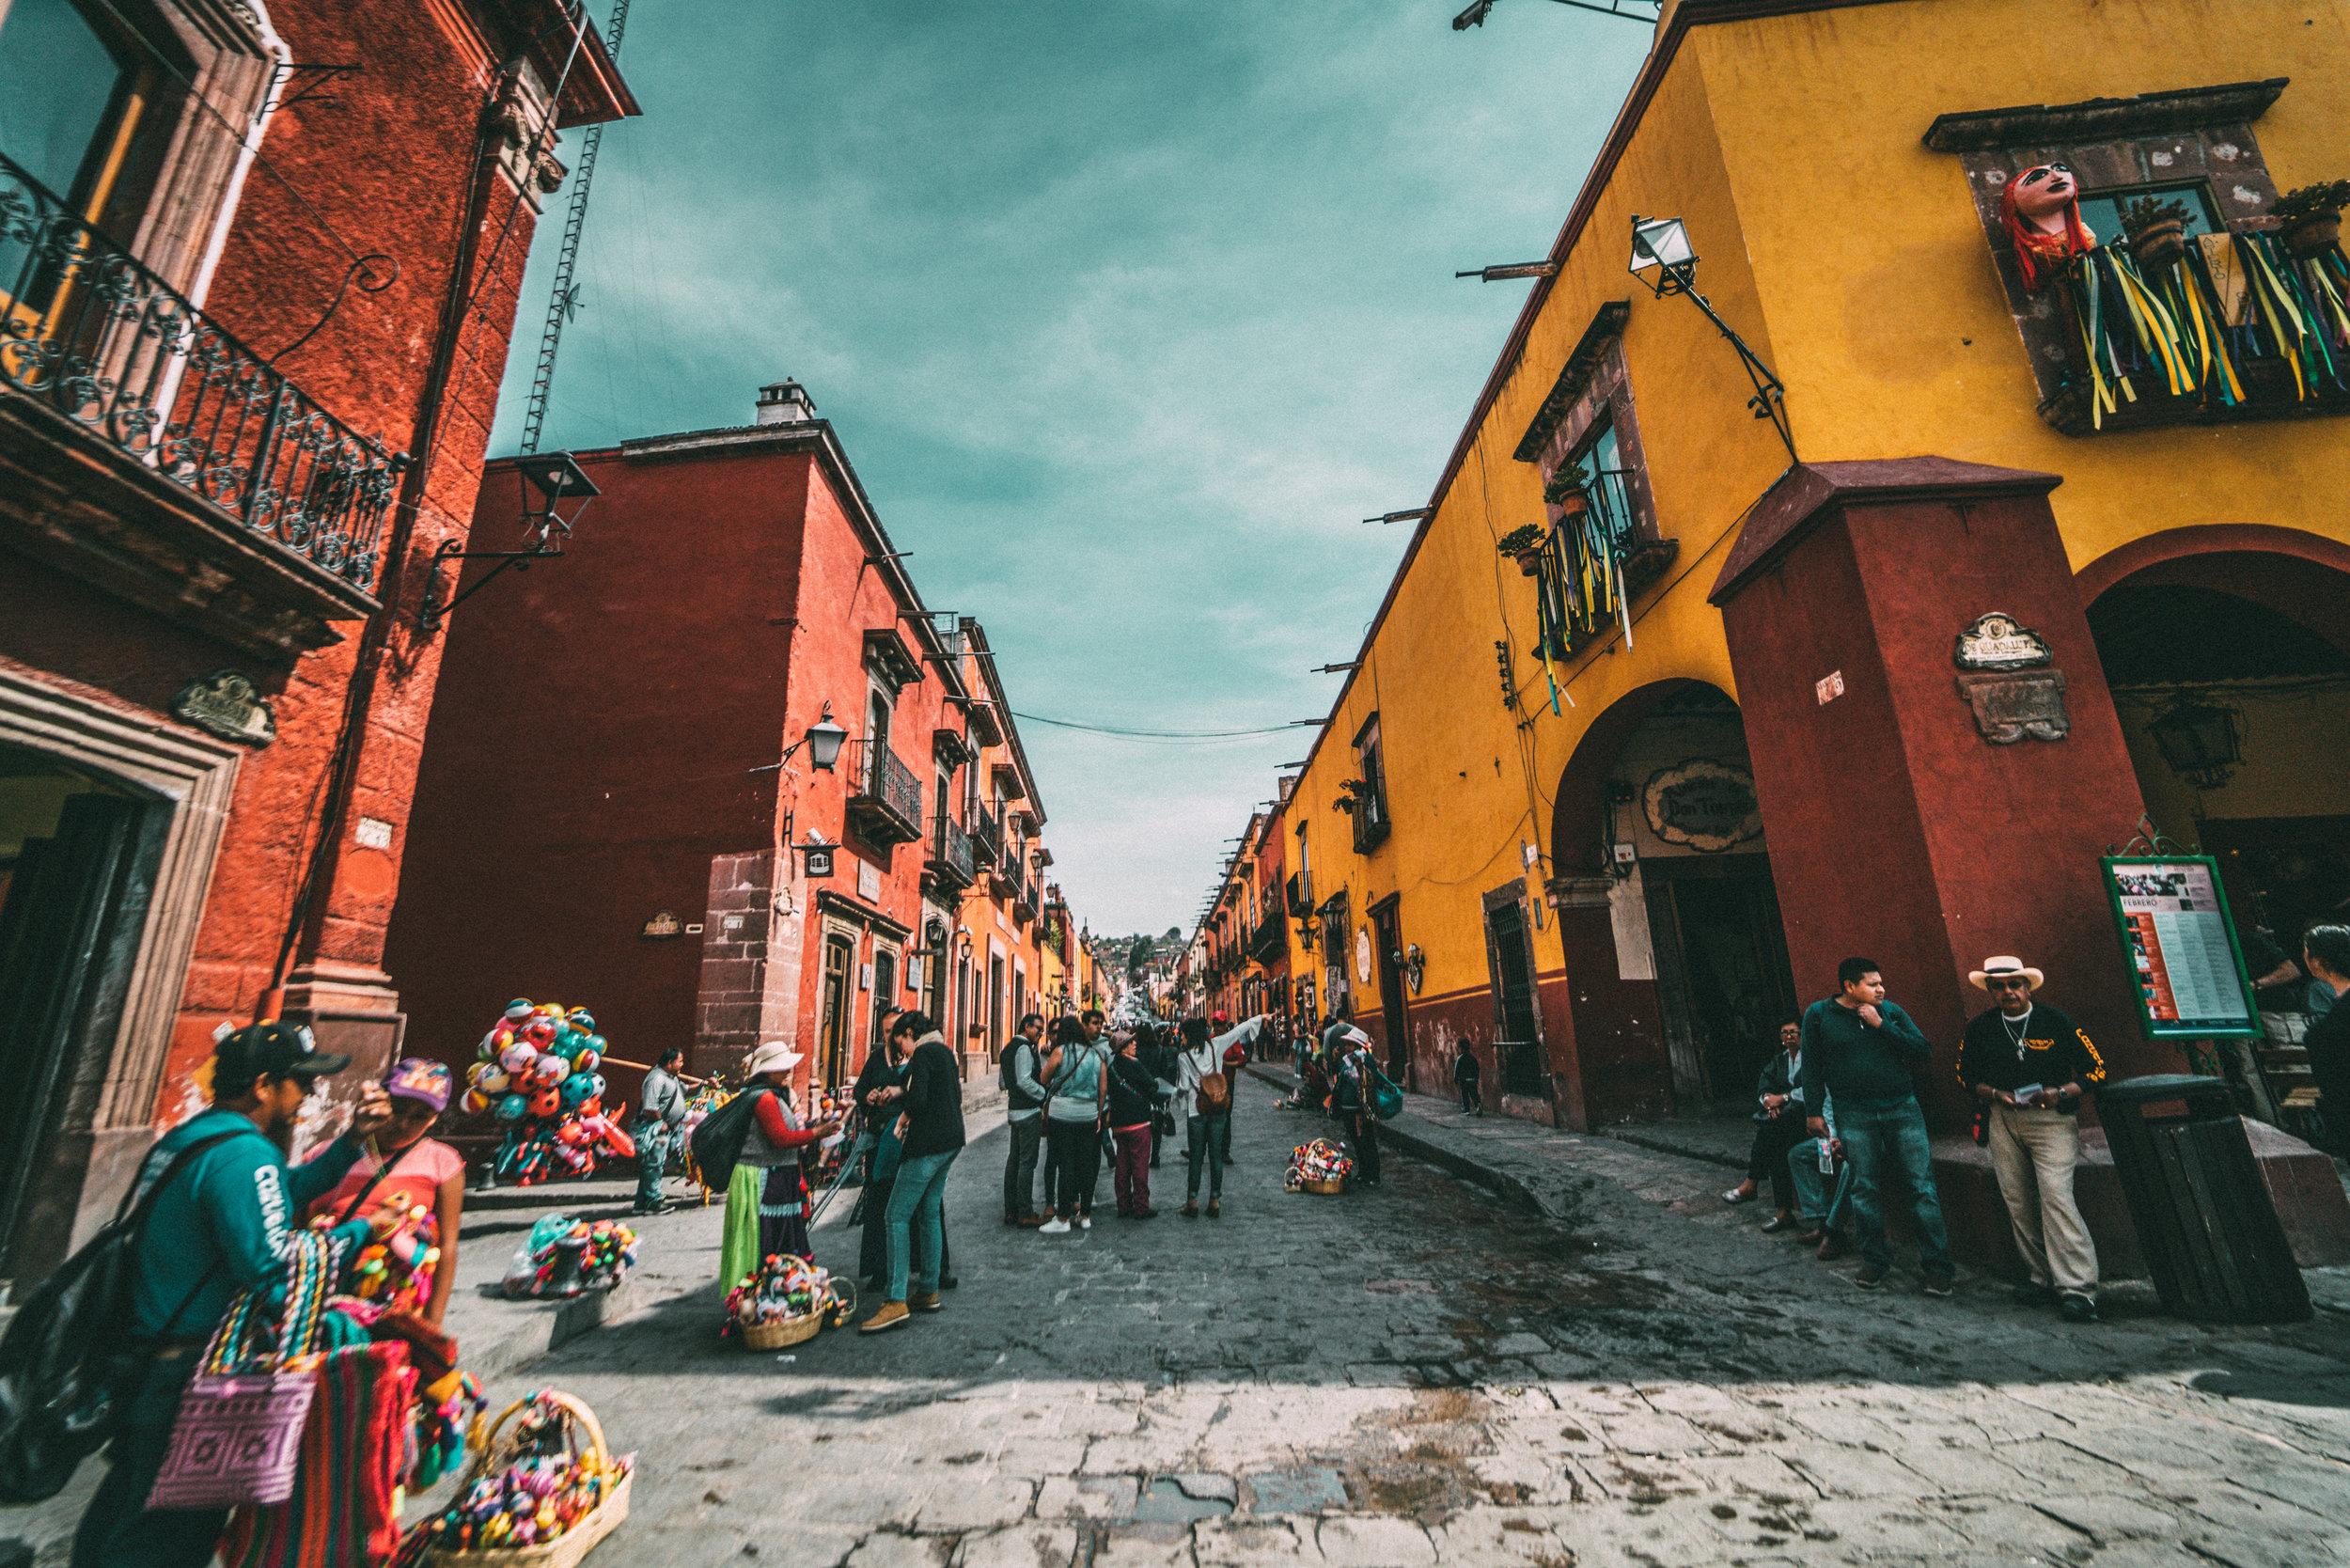 México - Uno de los mejores destinos del Mundo. México es un país rico en cultura y gastronomía. Ciudad de México y el centro, así como la Riviera Maya son destinos en los cuales puedes conseguir hospedajes por hasta $8 la noche si son hostales. Salir de las zonas extremadamente turísticas te permitirá ahorrar y experimentar el verdadero México.